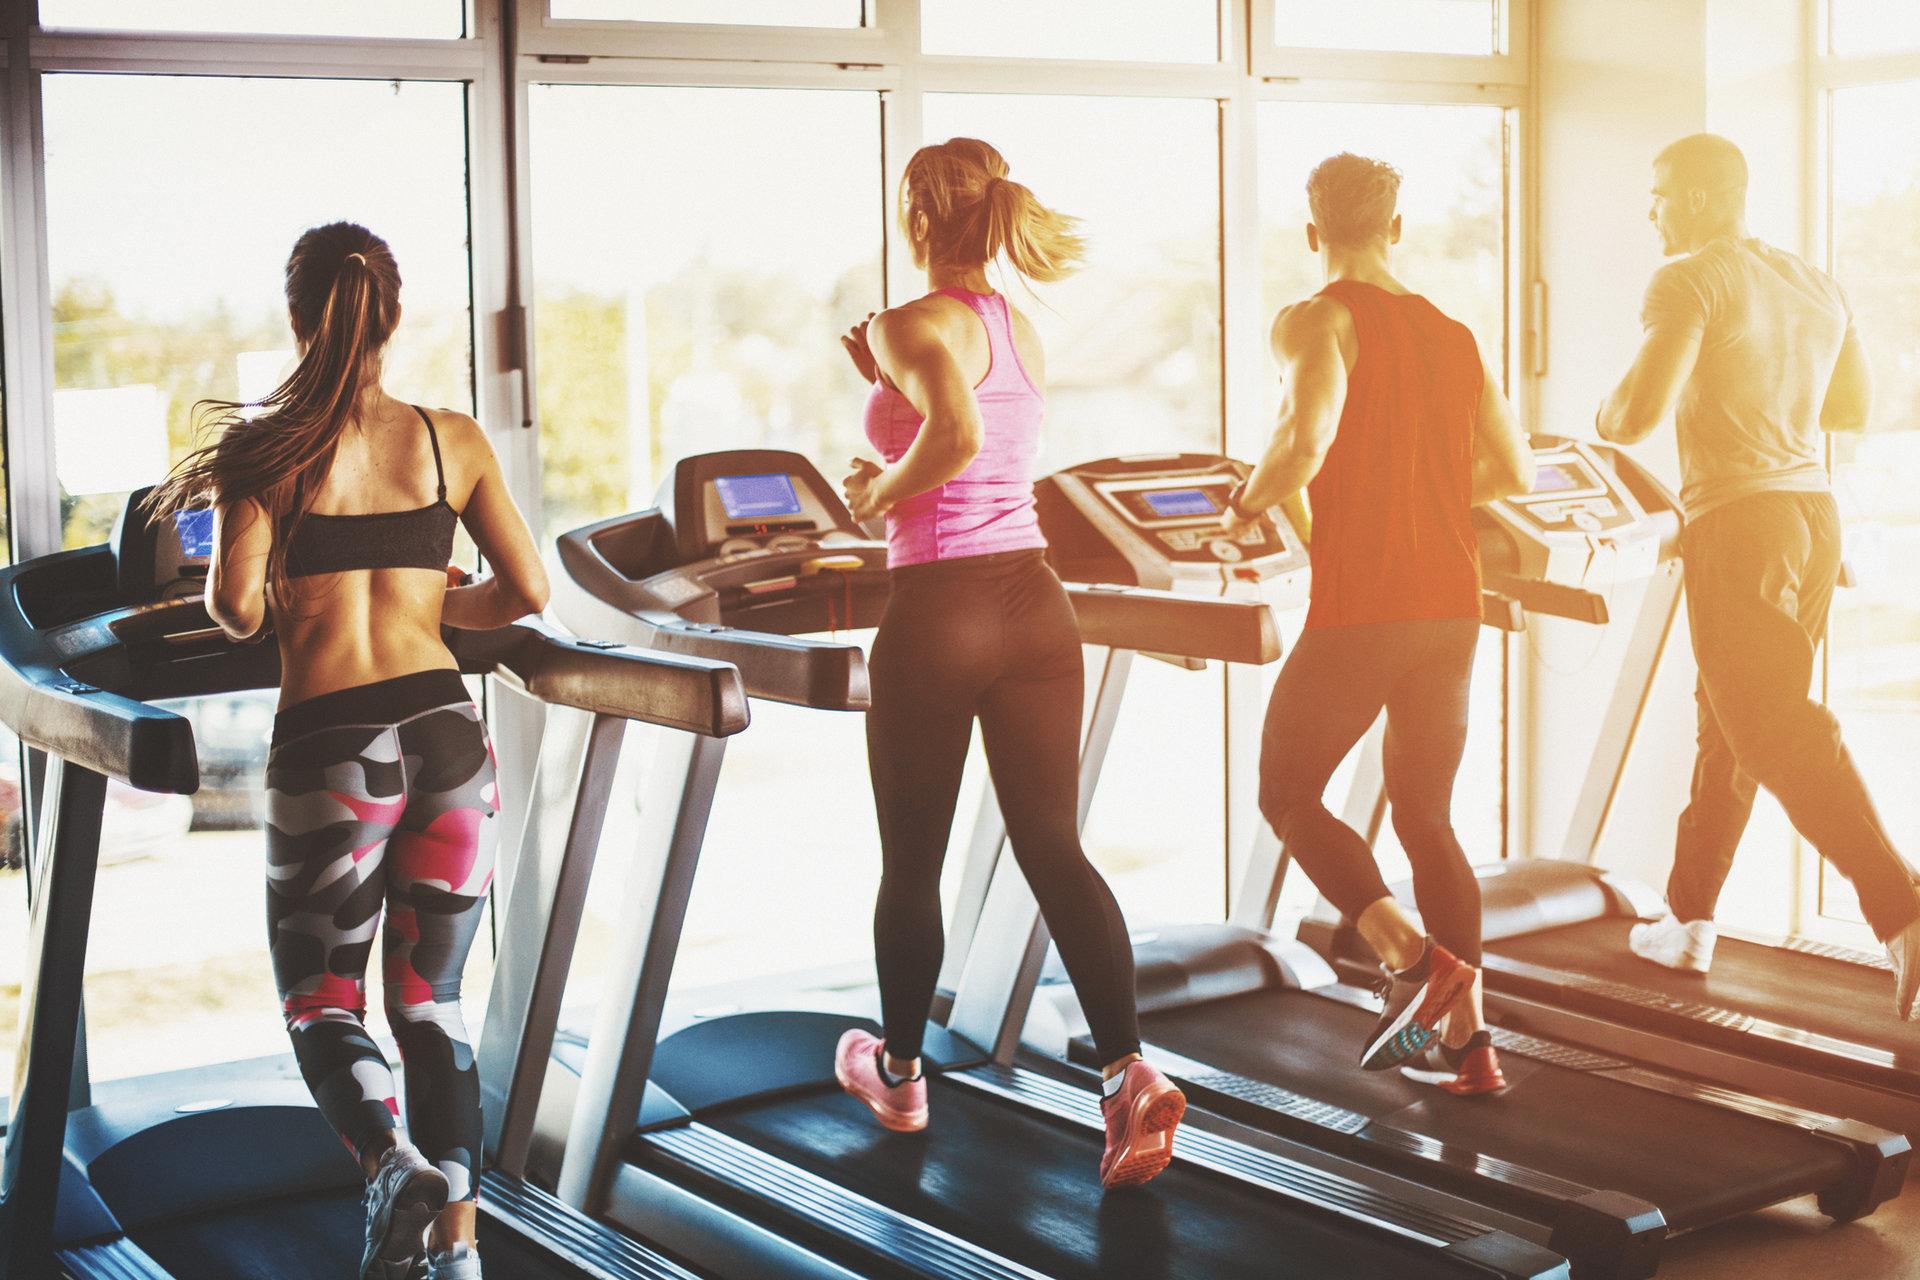 Bieg po zdrowie – jak zacząć trenować?